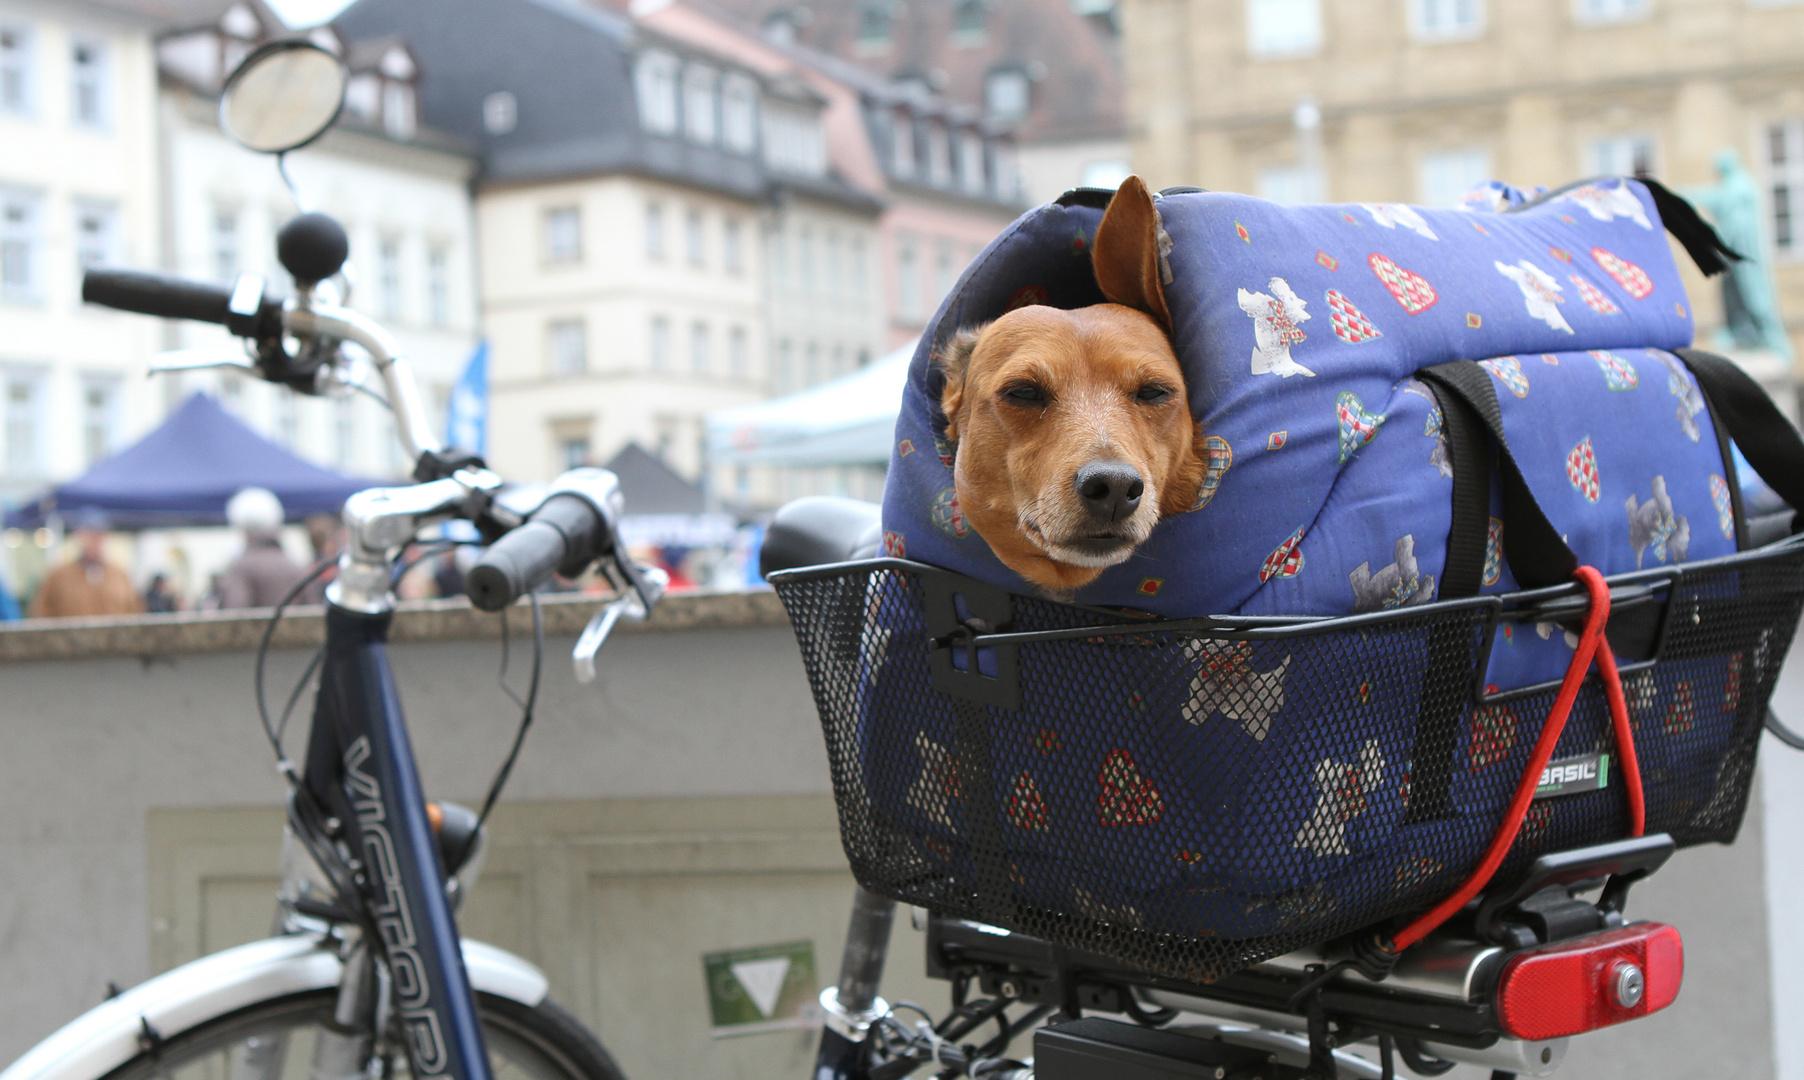 Jedem sein Fahrrad